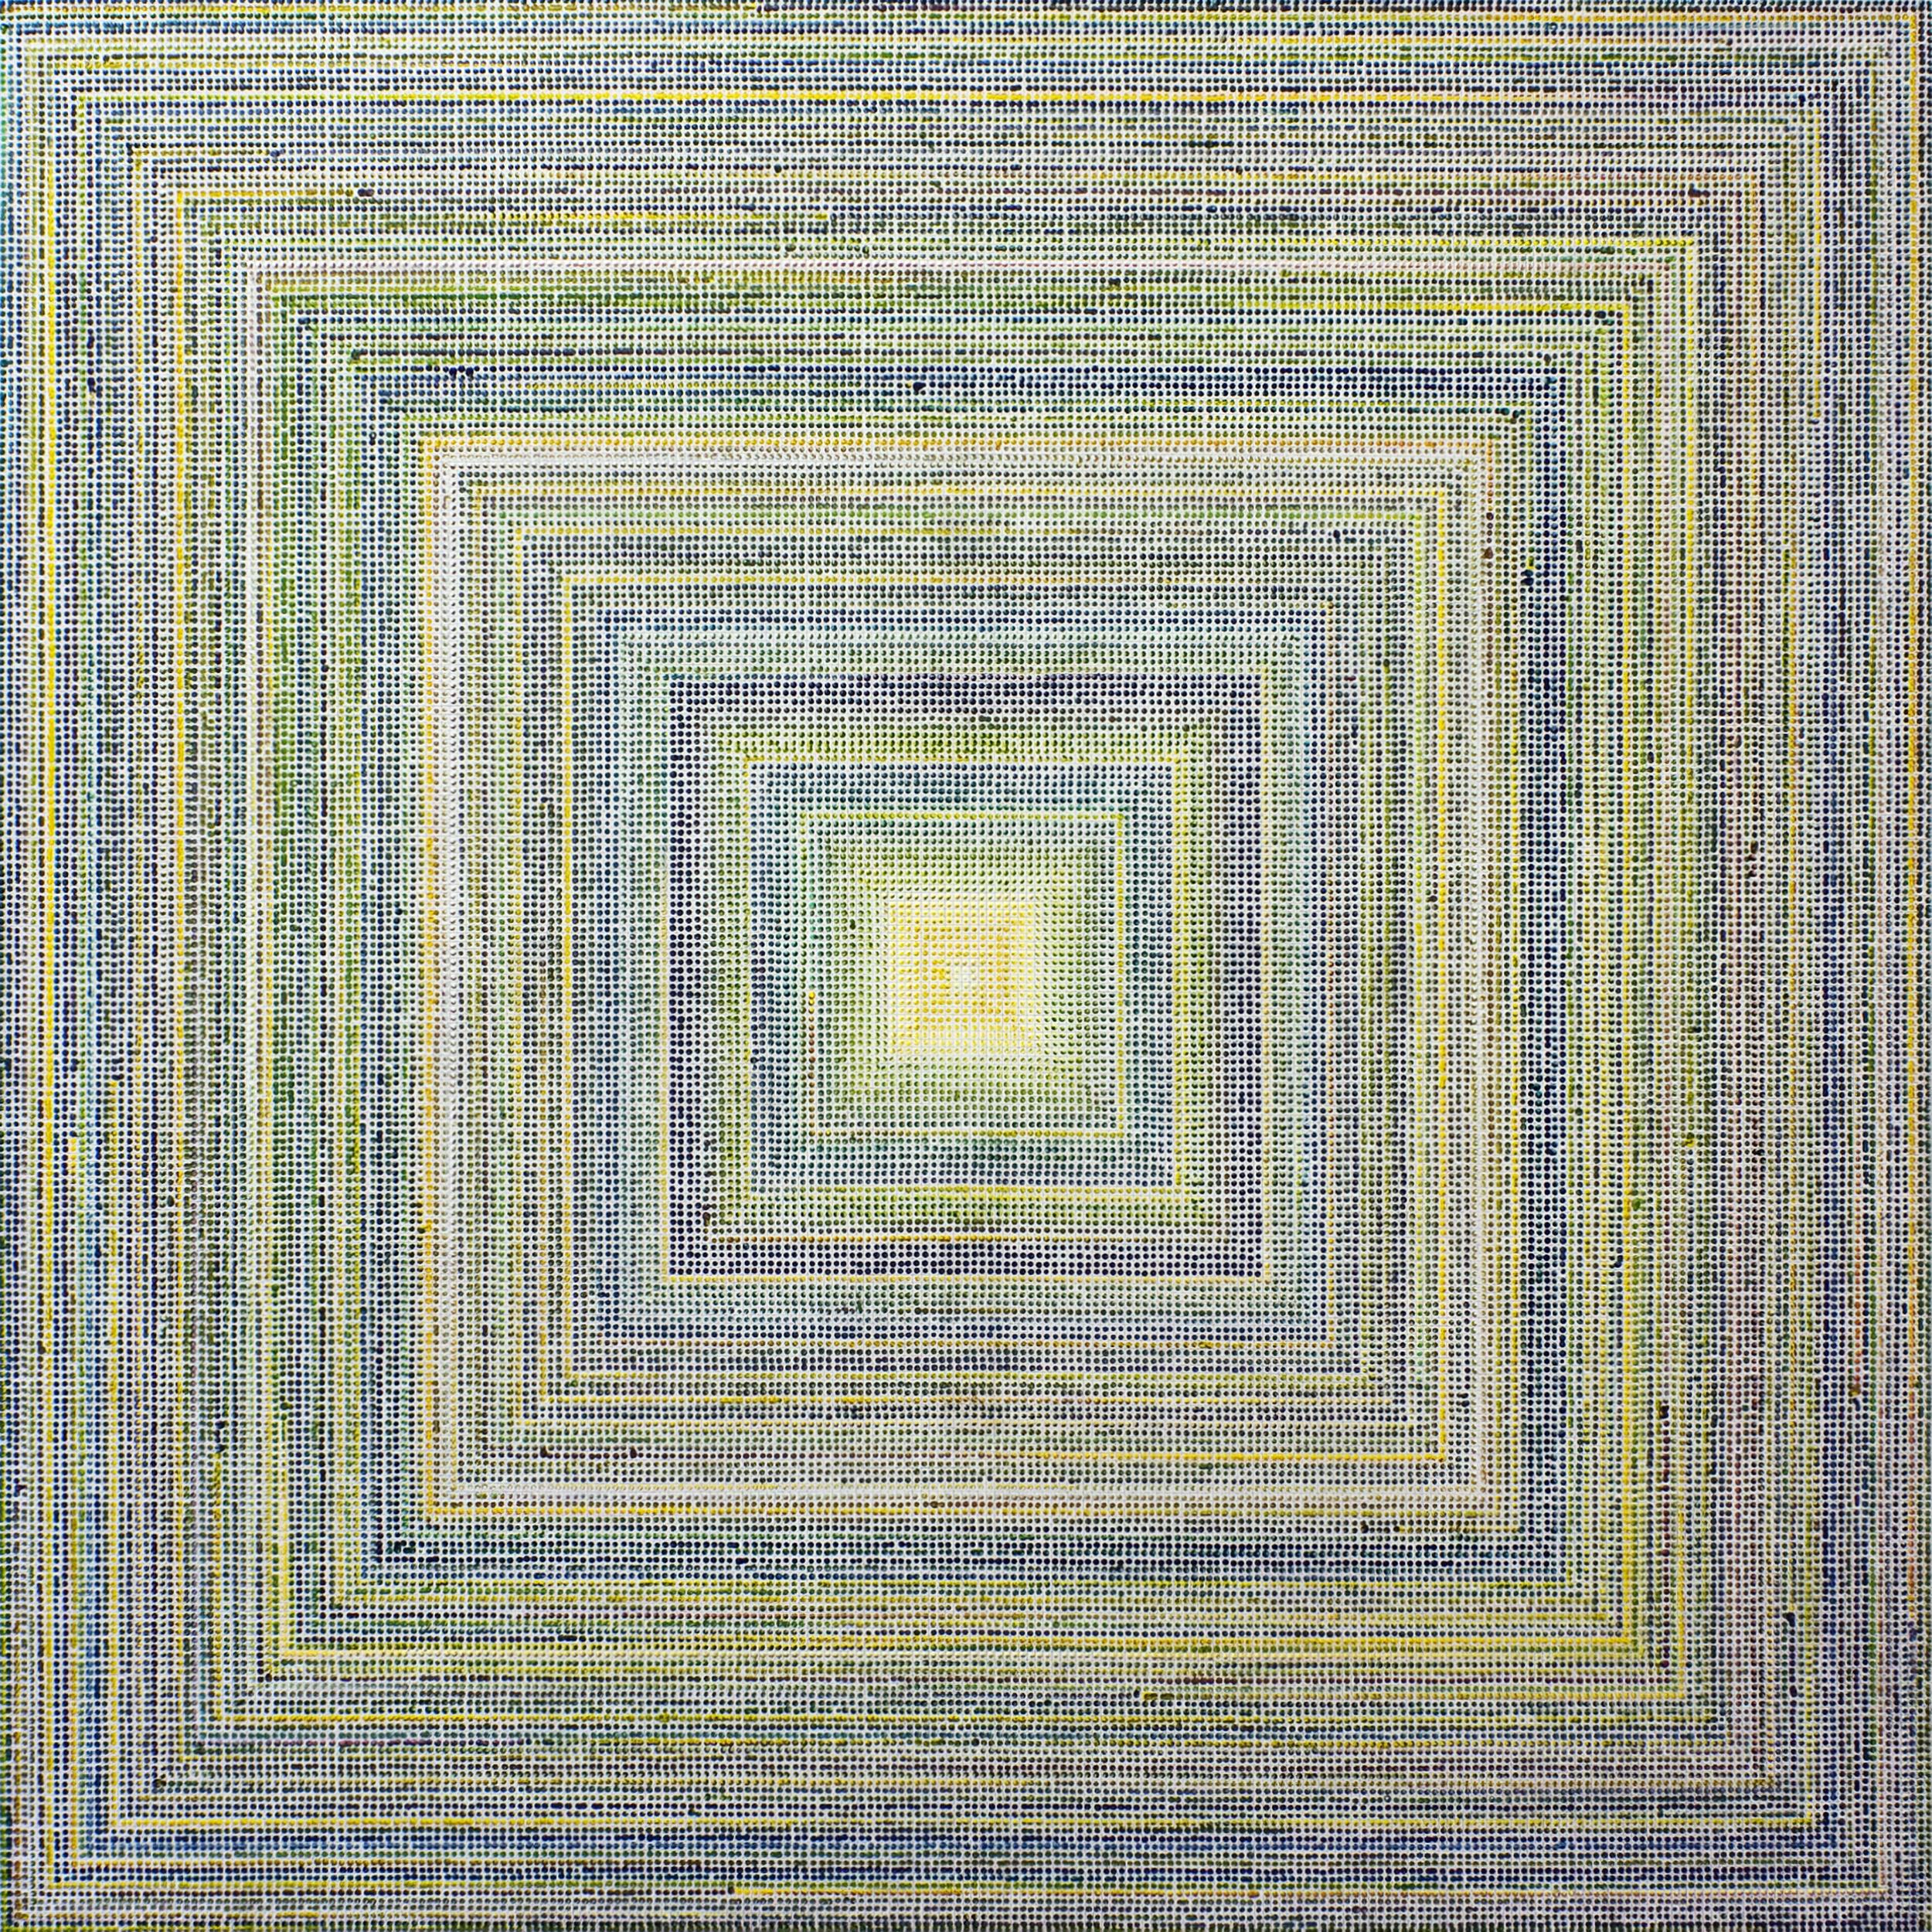 Untitled (YGR), acrylic on canvas, 2011, 60 x 60in | 152 x 152cm